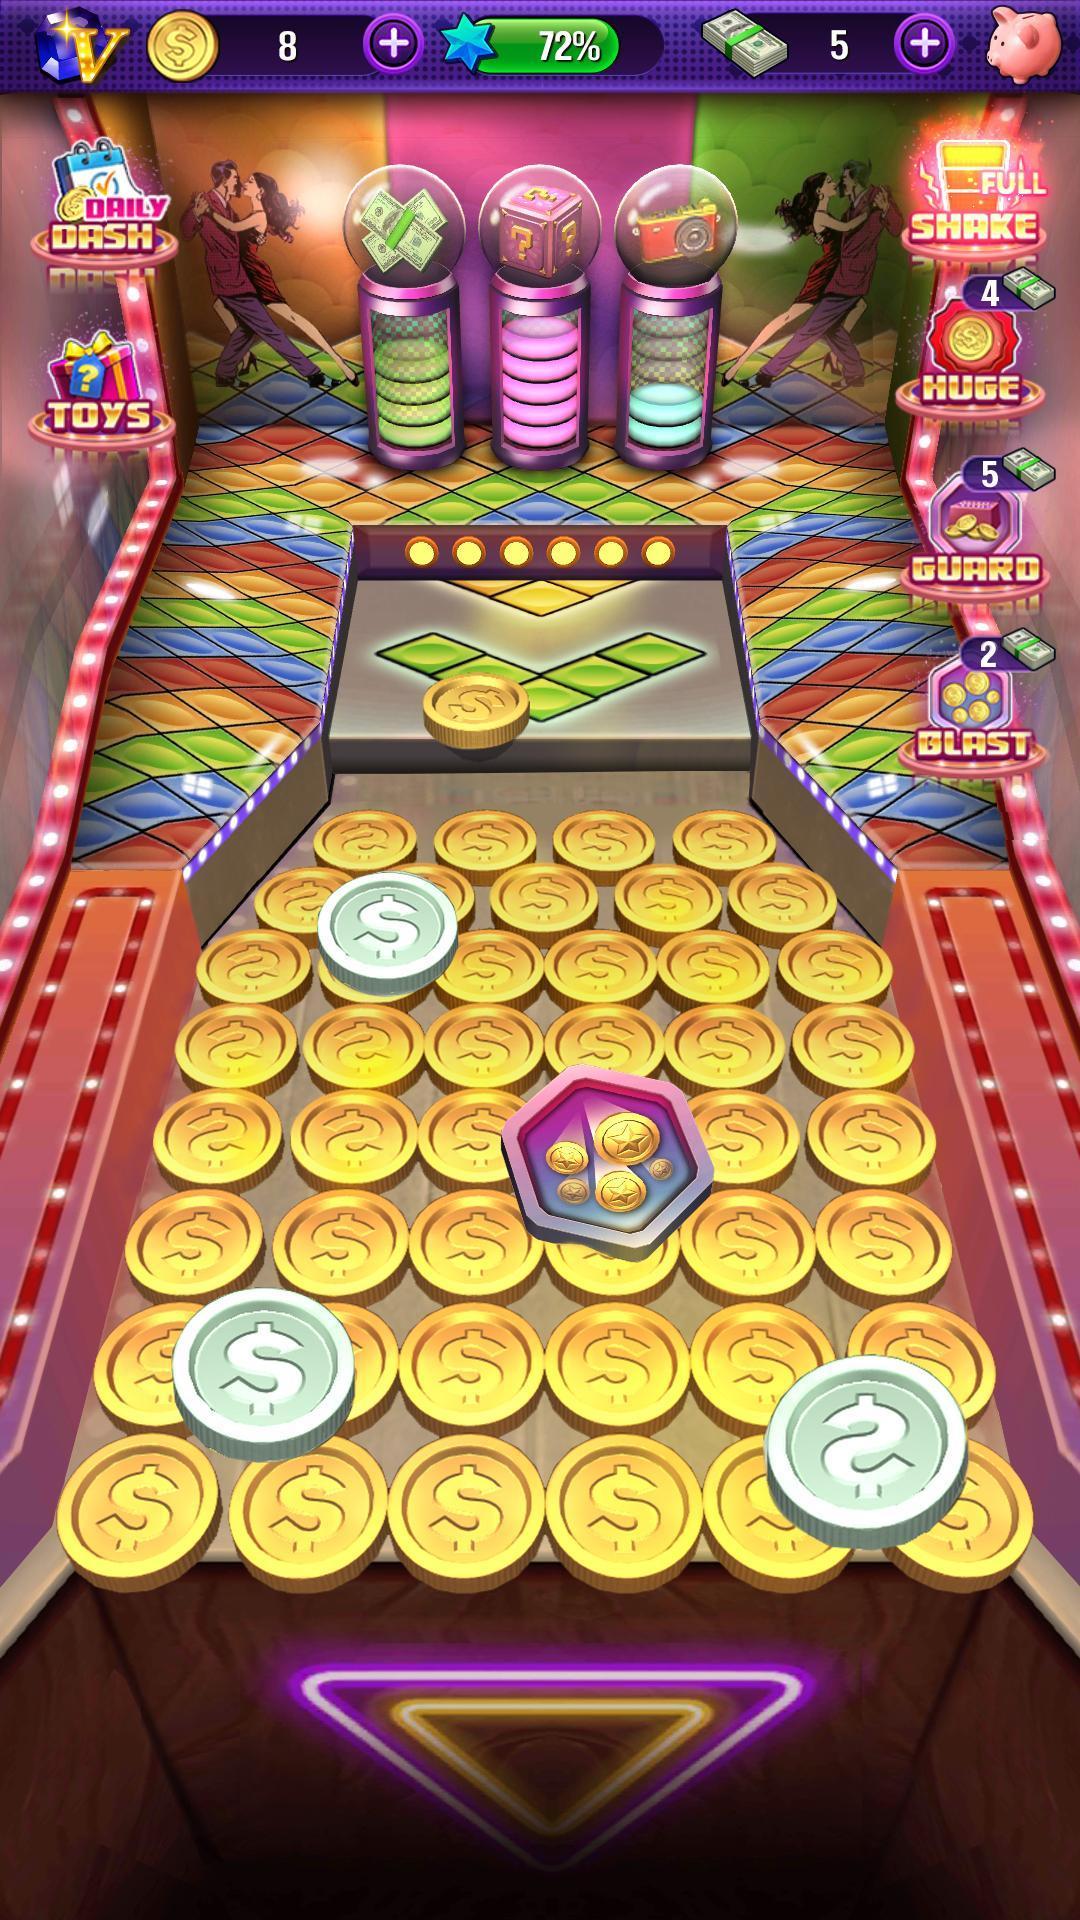 Coin Pusher 6.4 Screenshot 1